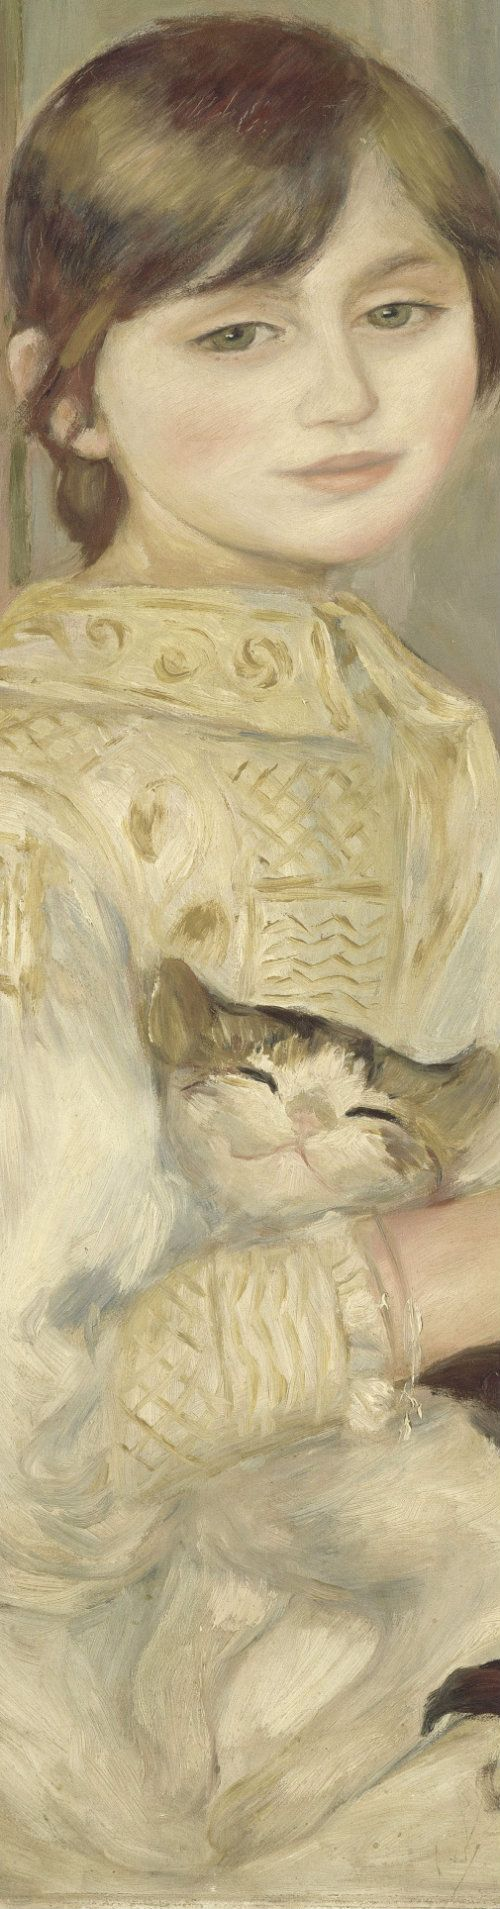 Pierre-Auguste Renoir - Julie Manet, also known as l'Enfant au chat (detail), 1887, Musée d'Orsay